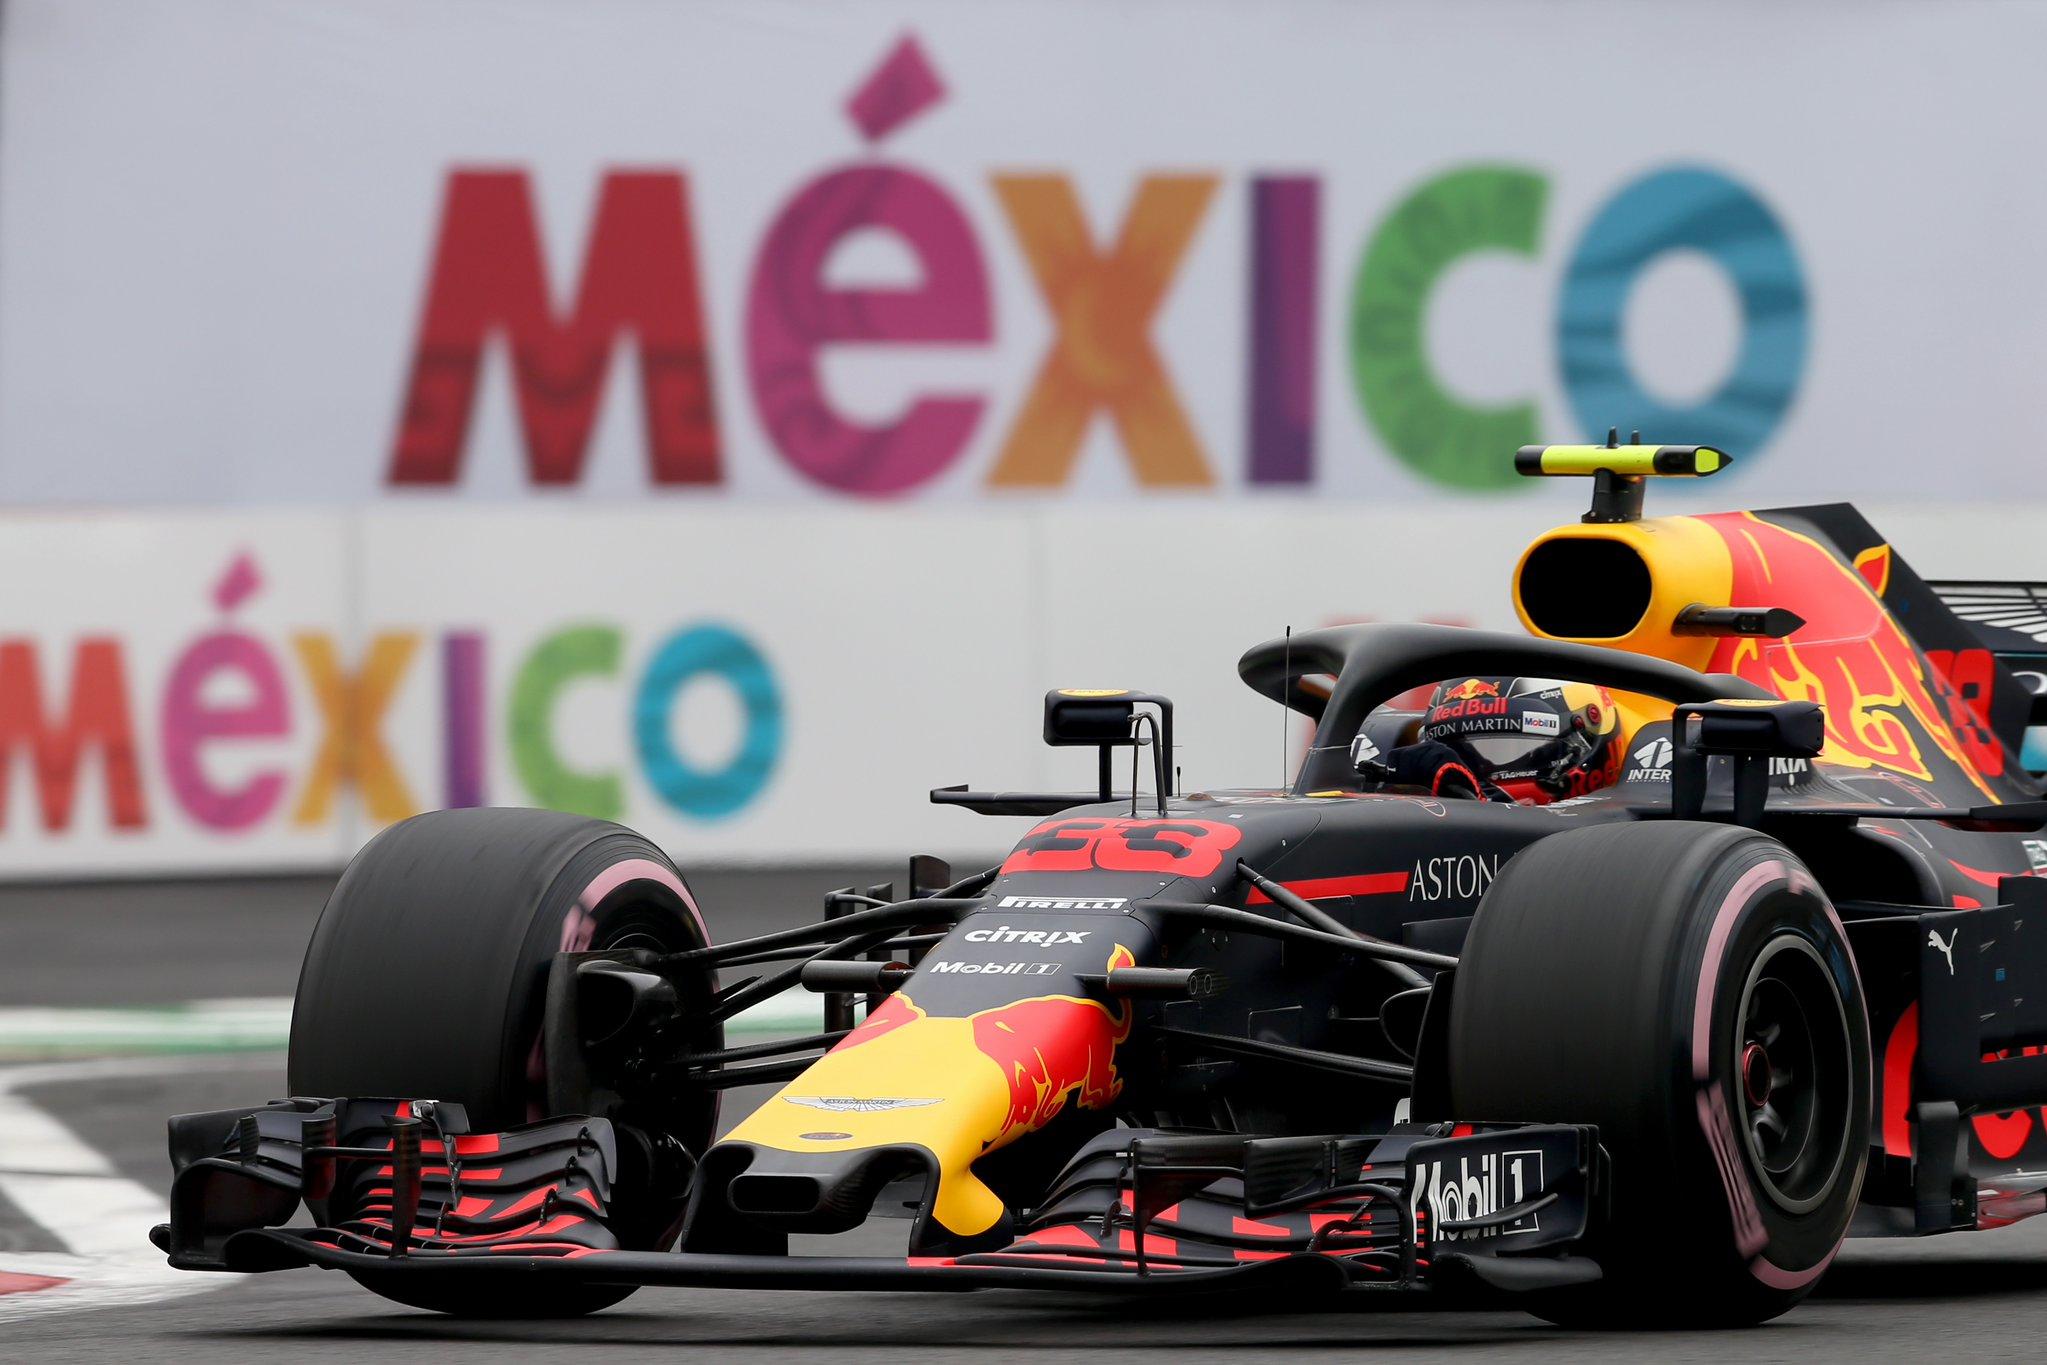 Макс Ферстаппен - победитель и гонщик дня гран-при Мексики 2018 года